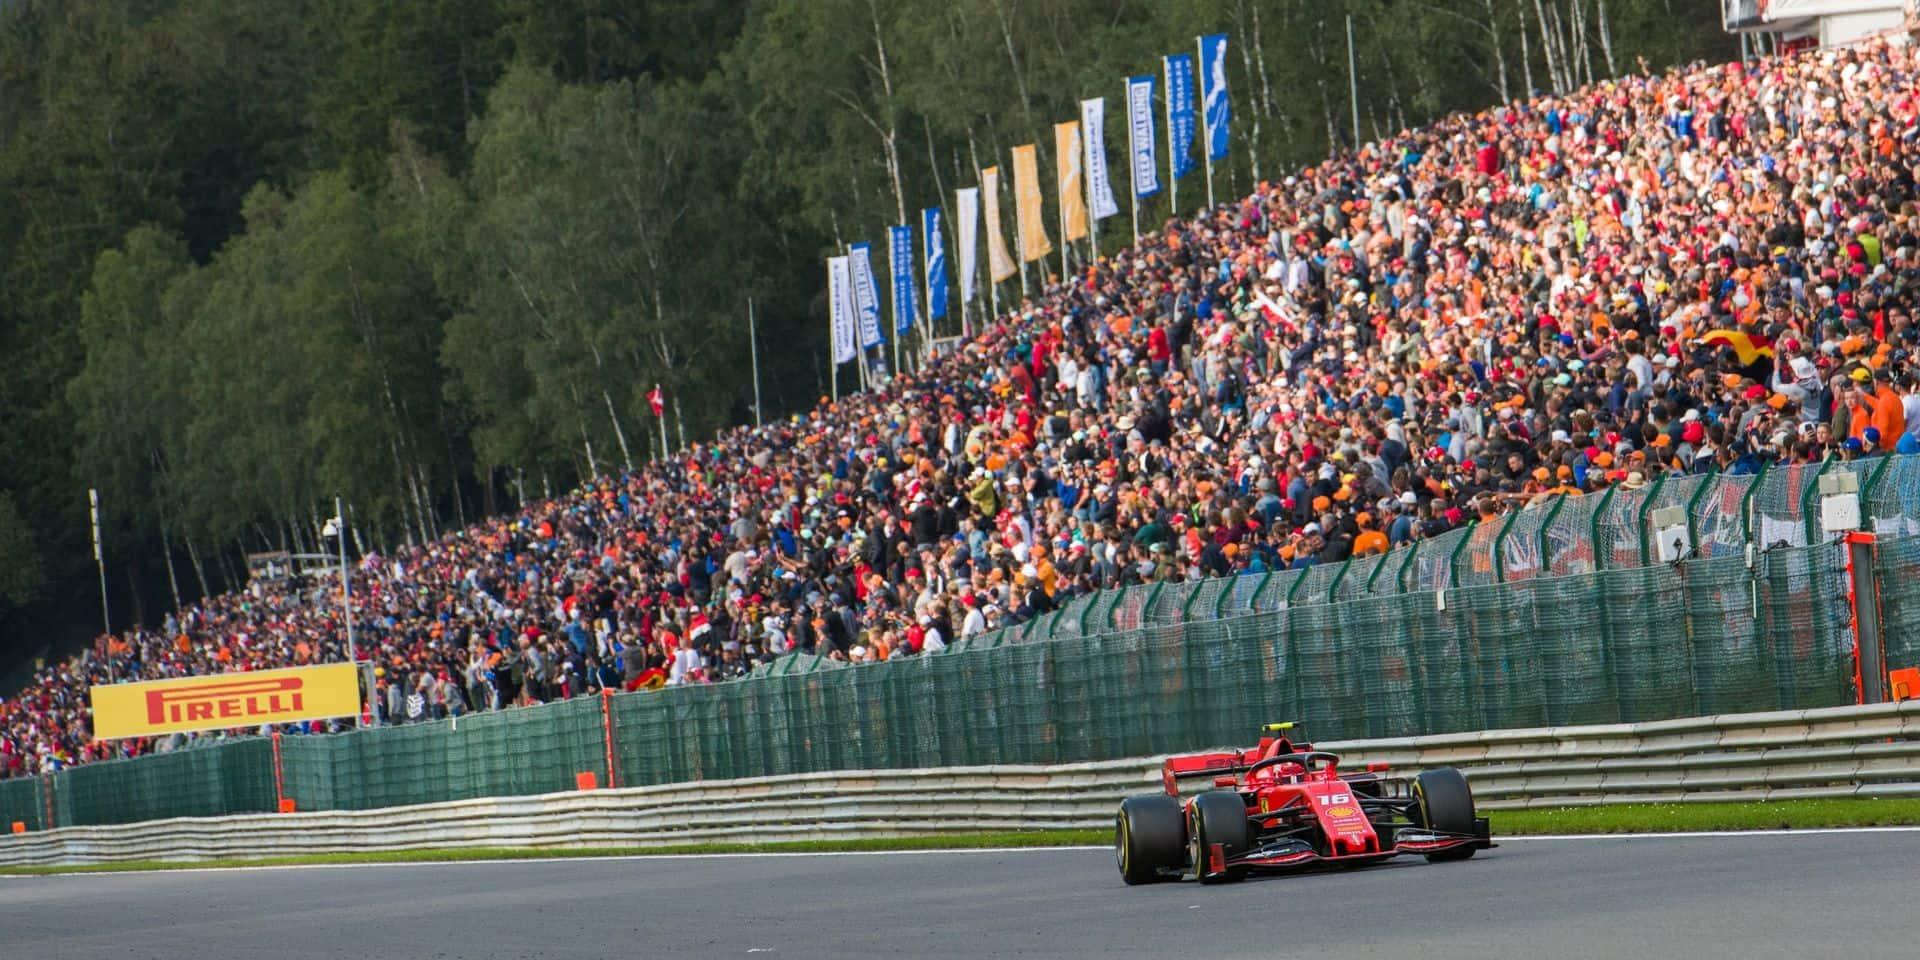 Huis clos confirmé pour le Grand Prix de F1 à Spa-Francorchamps le 30 août